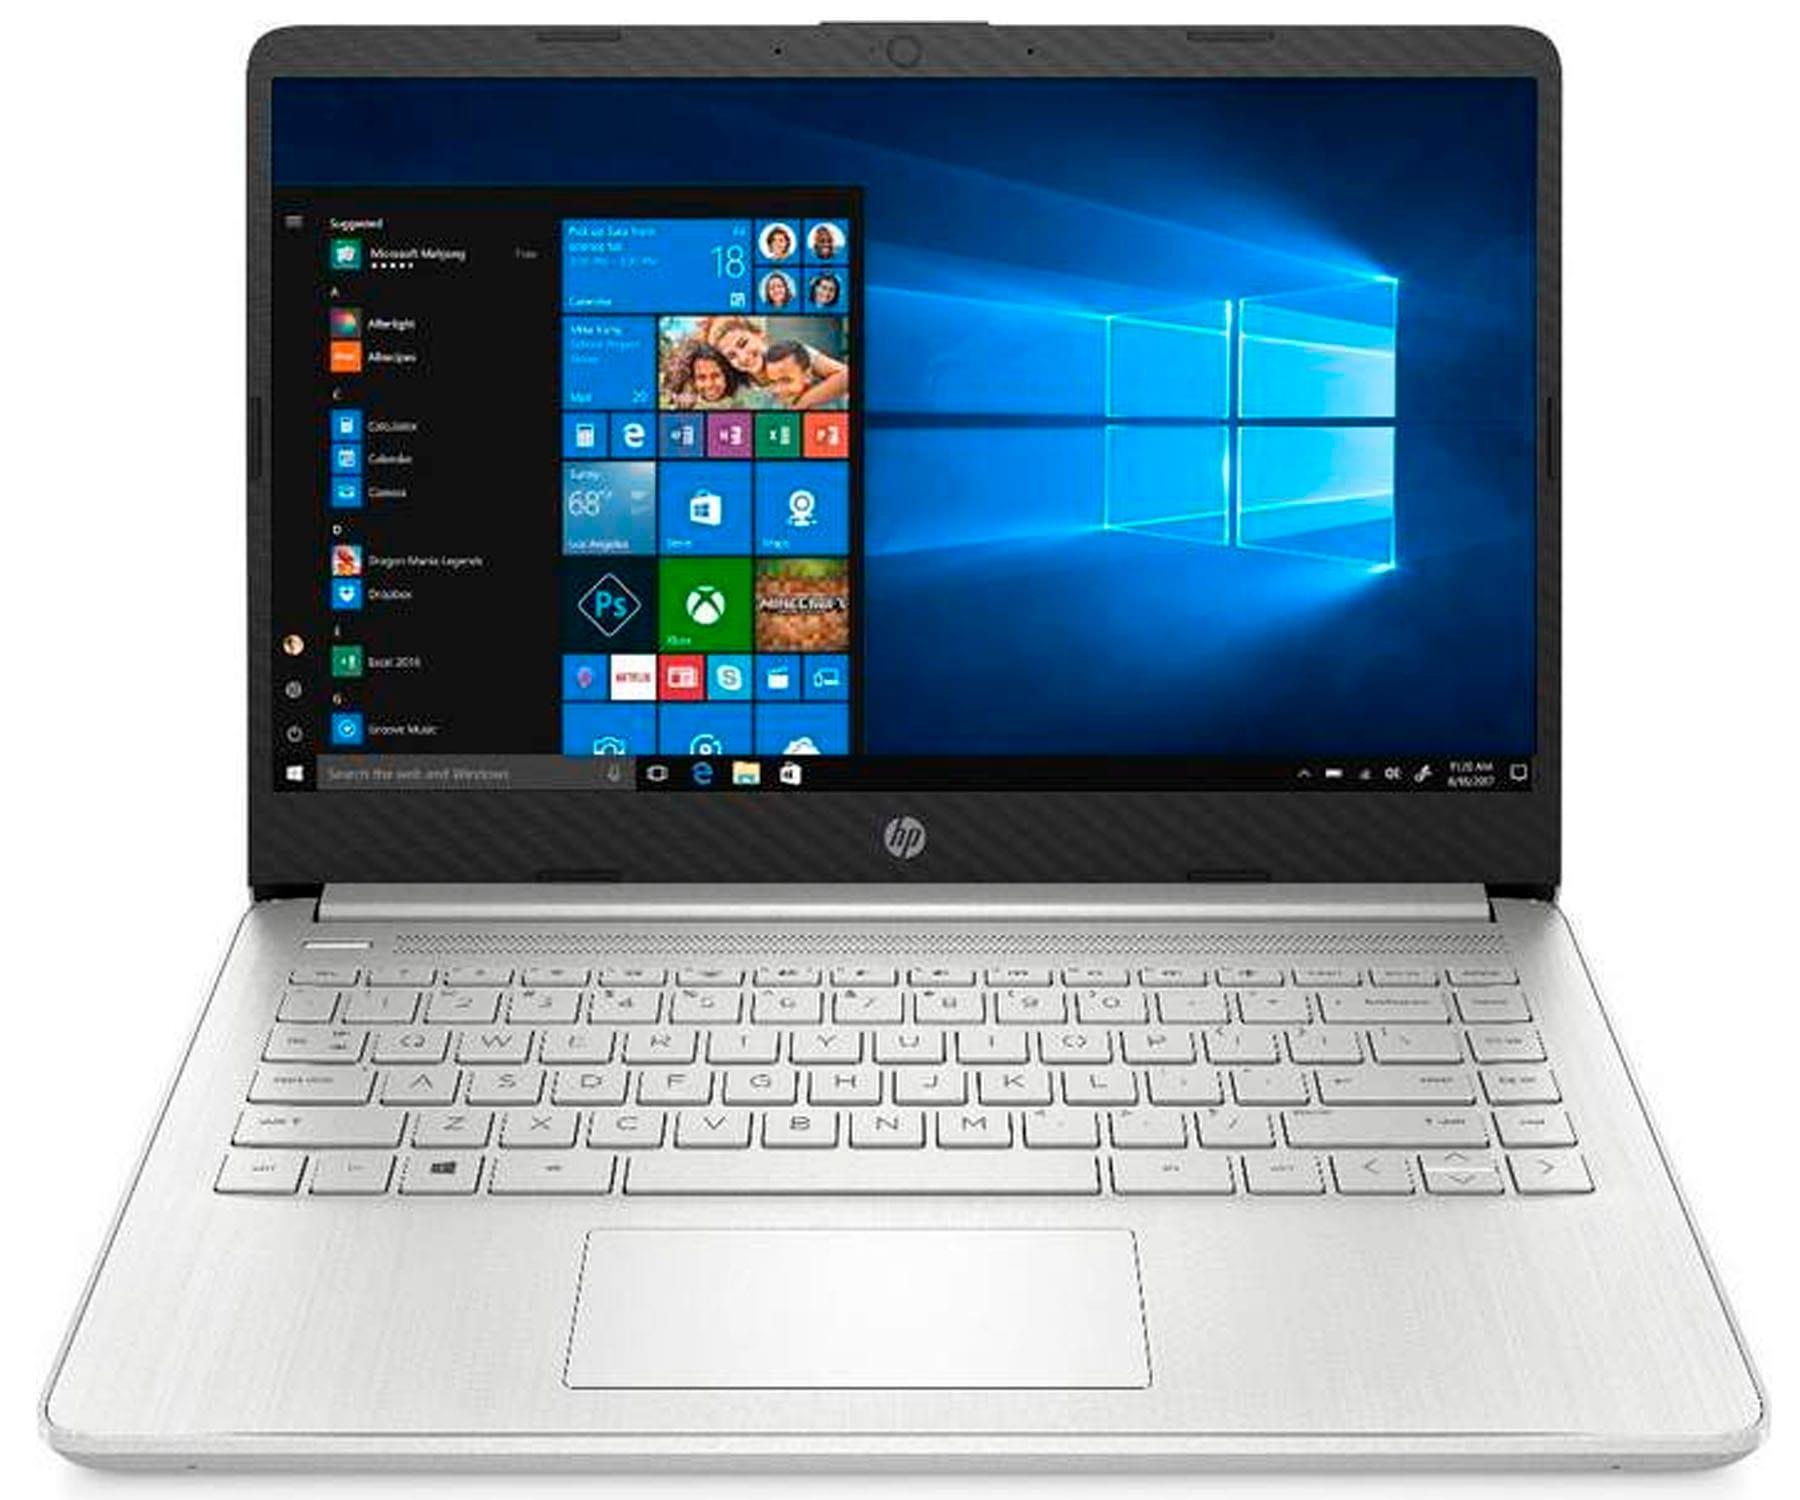 HP LAPTOP 14s-DQ1018 PLATA PORTÁTIL 14'' FullHD i7-1065G7 256GB SSD 8GB RAM WINDOWS 10 HOME